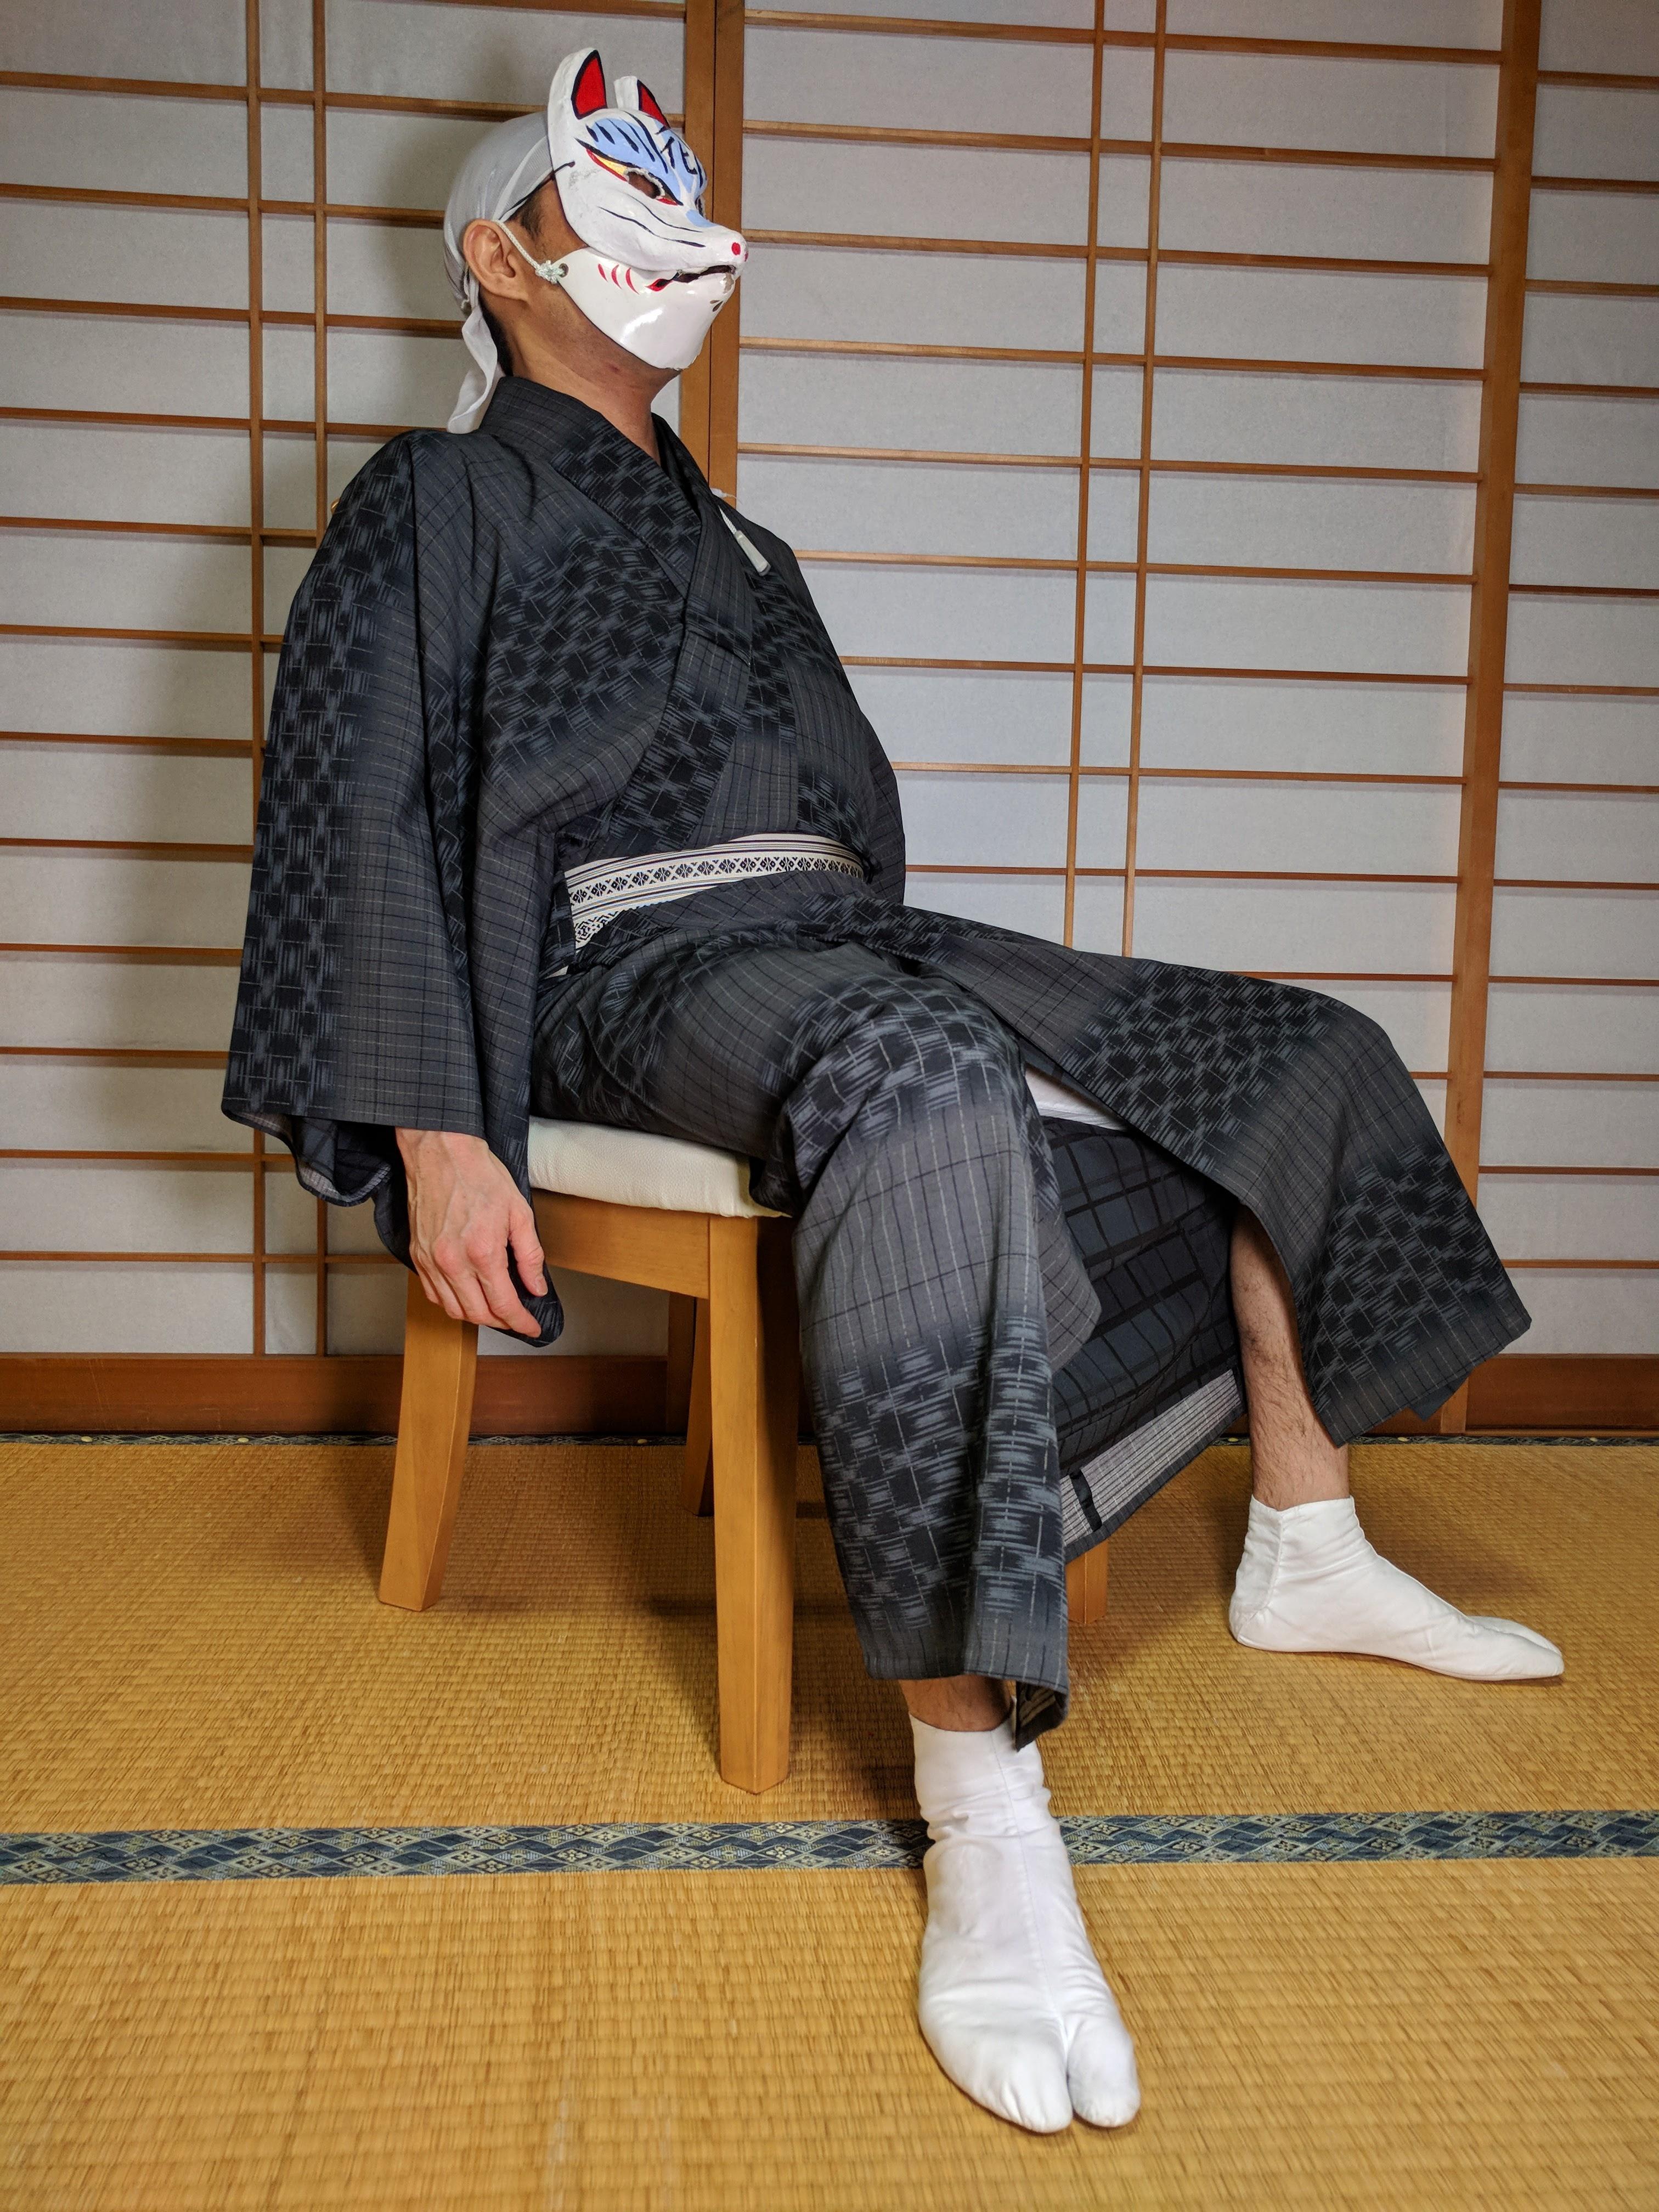 男の和服着物、椅子、股広がる、背もたれ、崩れる